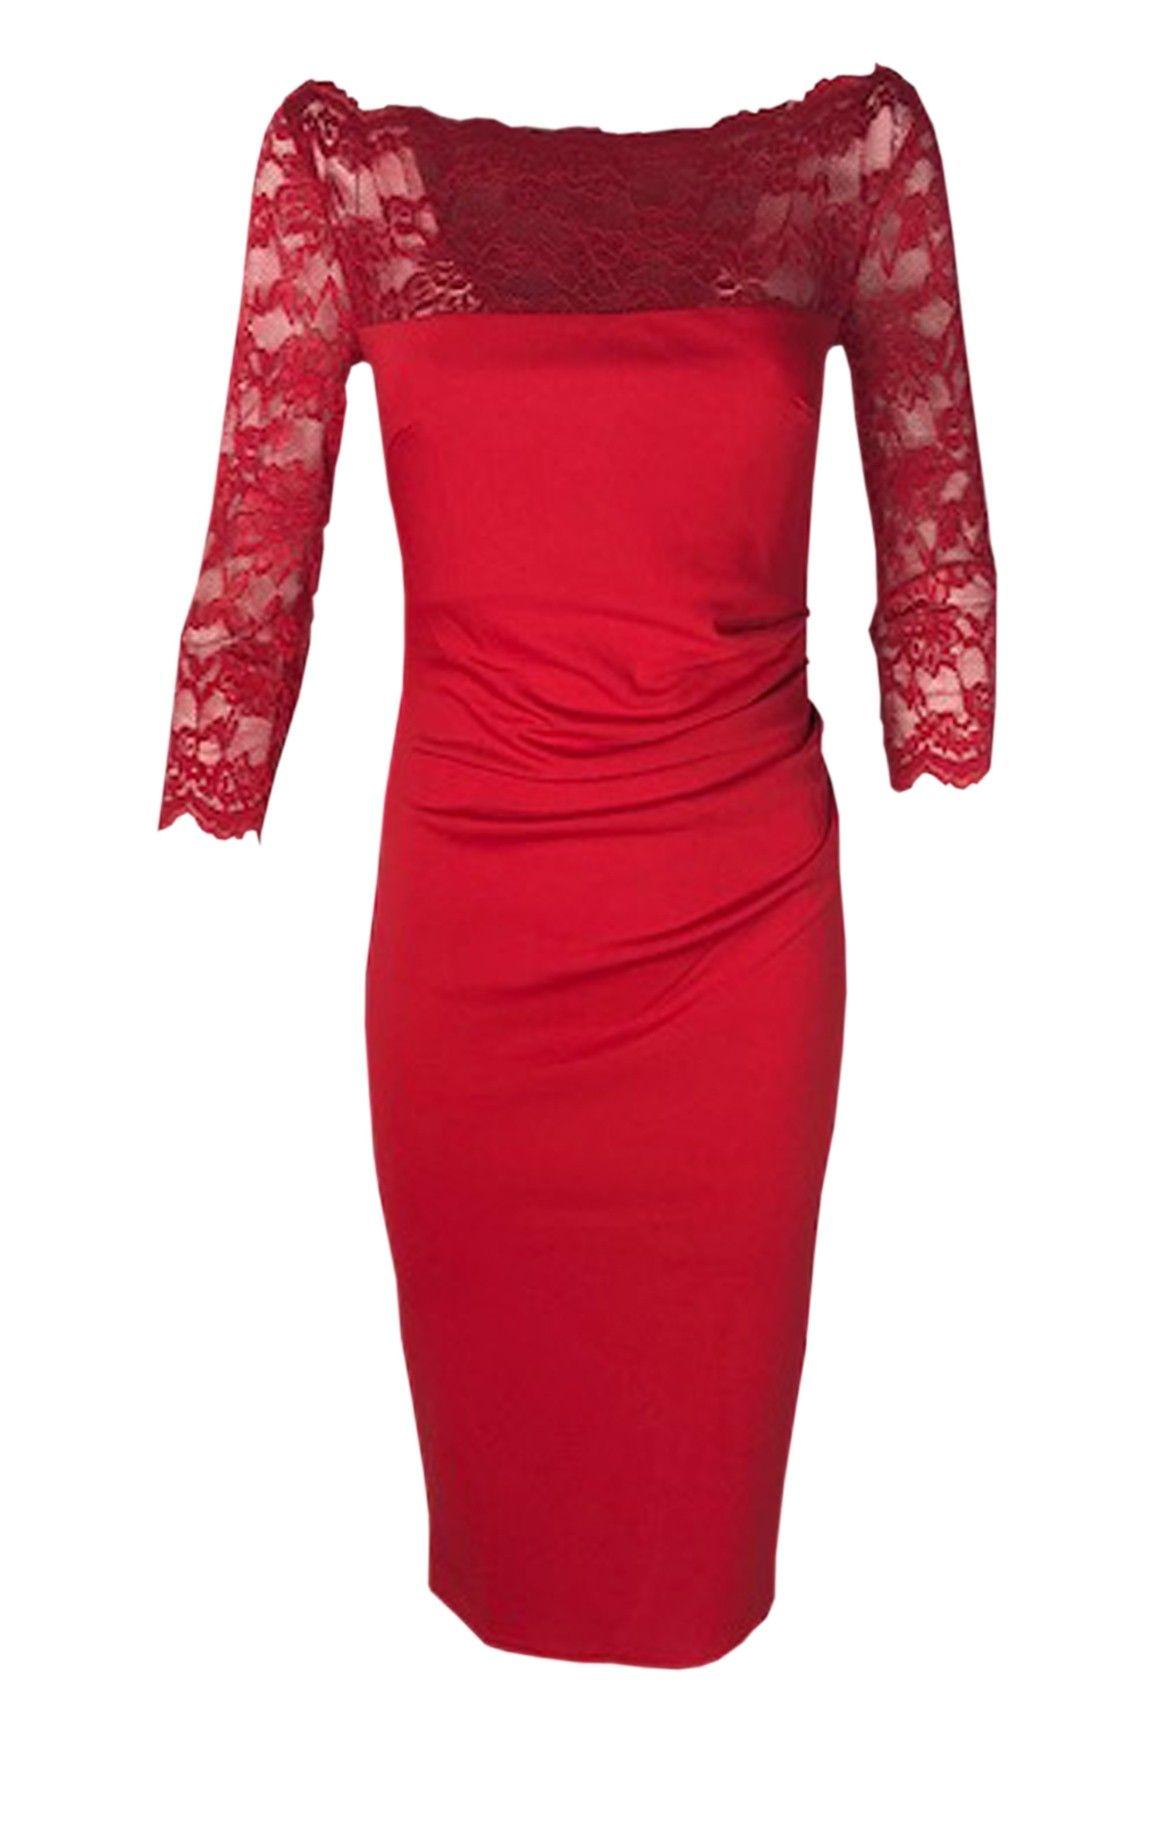 Goddess rød midi kjole med blonde | Kjole, Kjoler